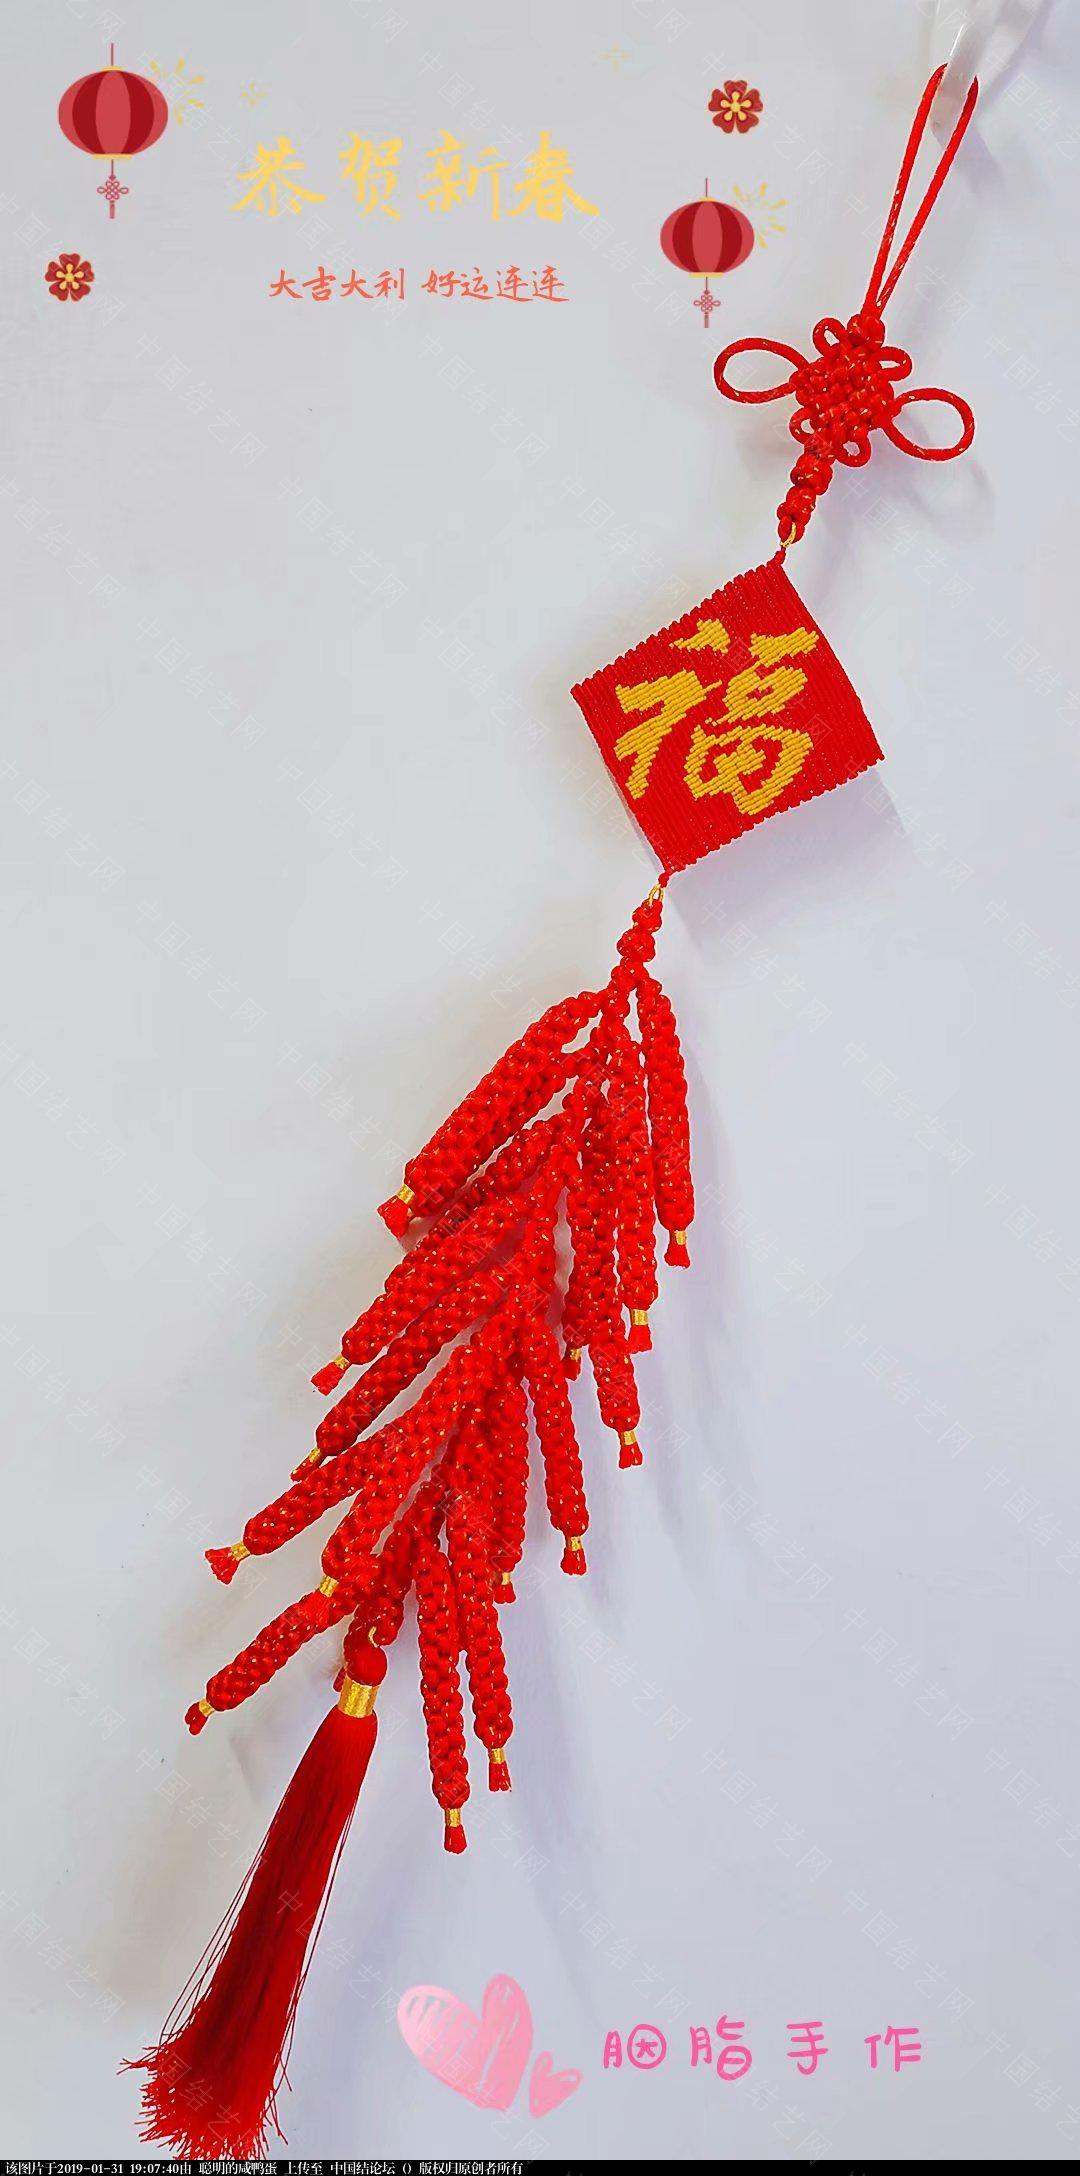 中国结论坛 红红火火小鞭炮 儿时小鞭炮,老式小鞭炮,自制小鞭炮,儿童小鞭炮,小鞭炮 作品展示 190704oobhyijioe8knihq